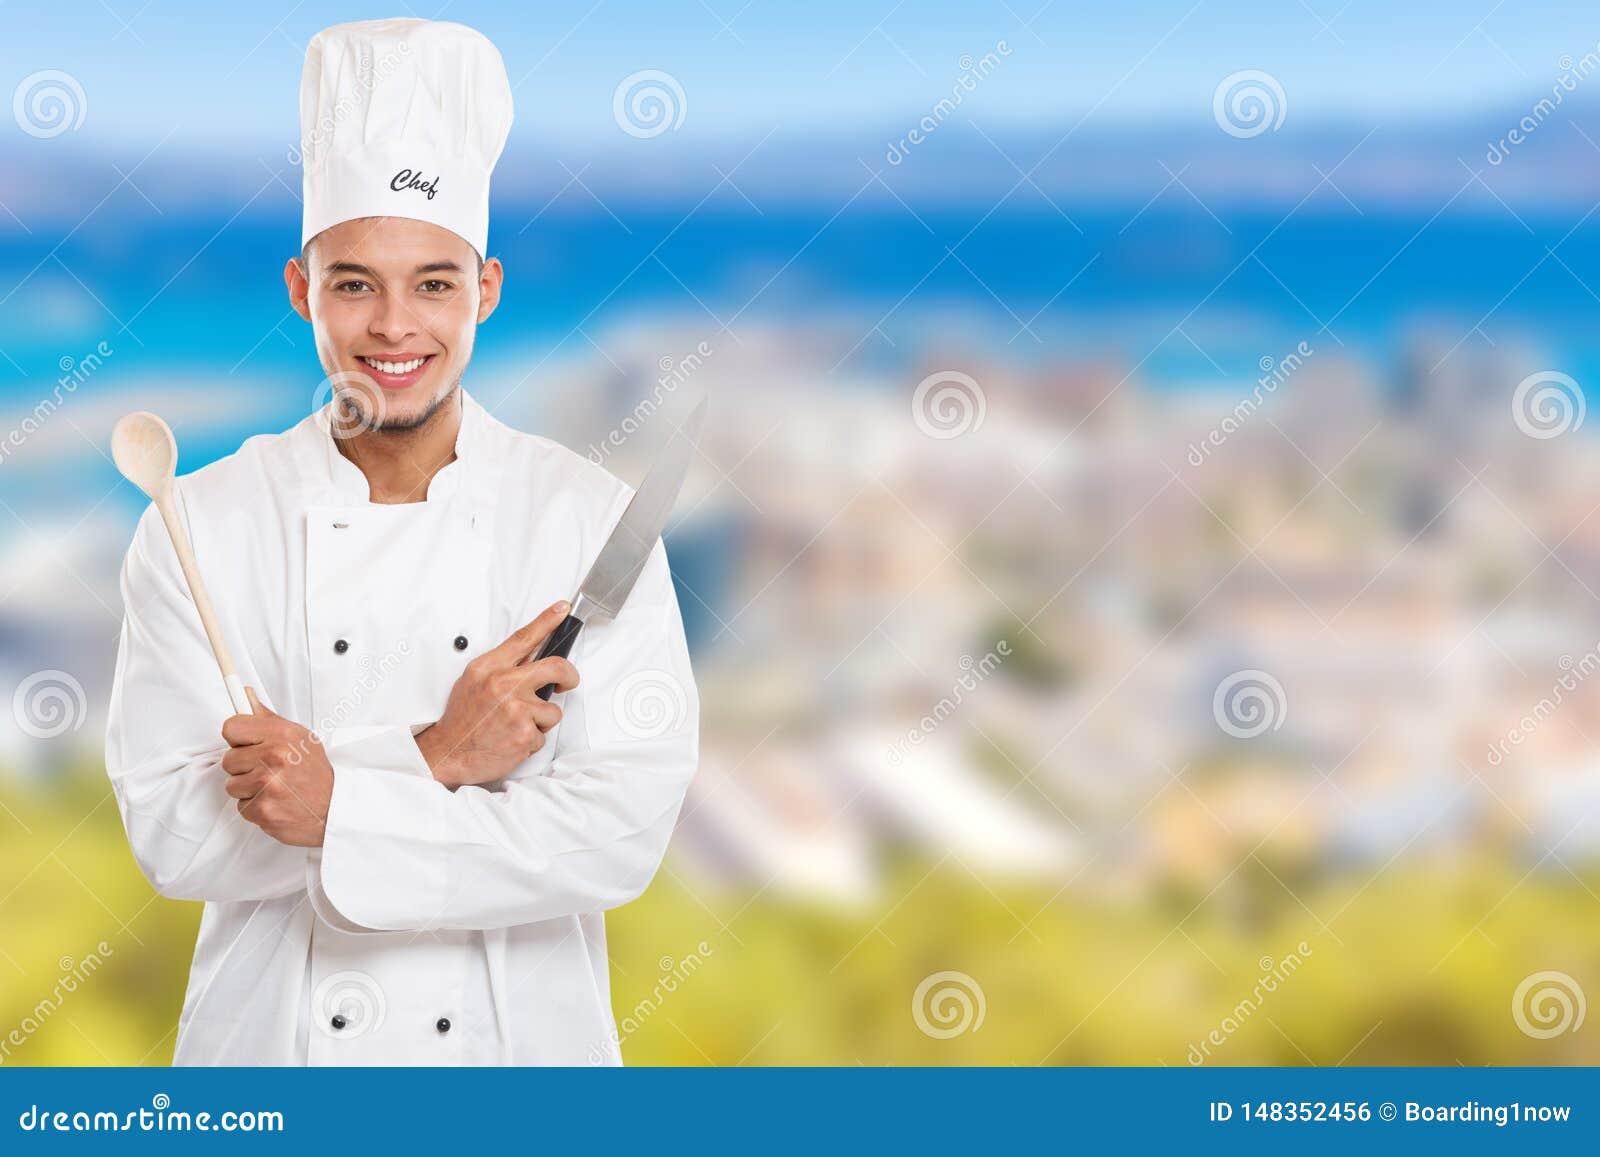 Μάγειρας που μαγειρεύει το αρσενικό διάστημα αντιγράφων εργασίας νεαρών άνδρων copyspace